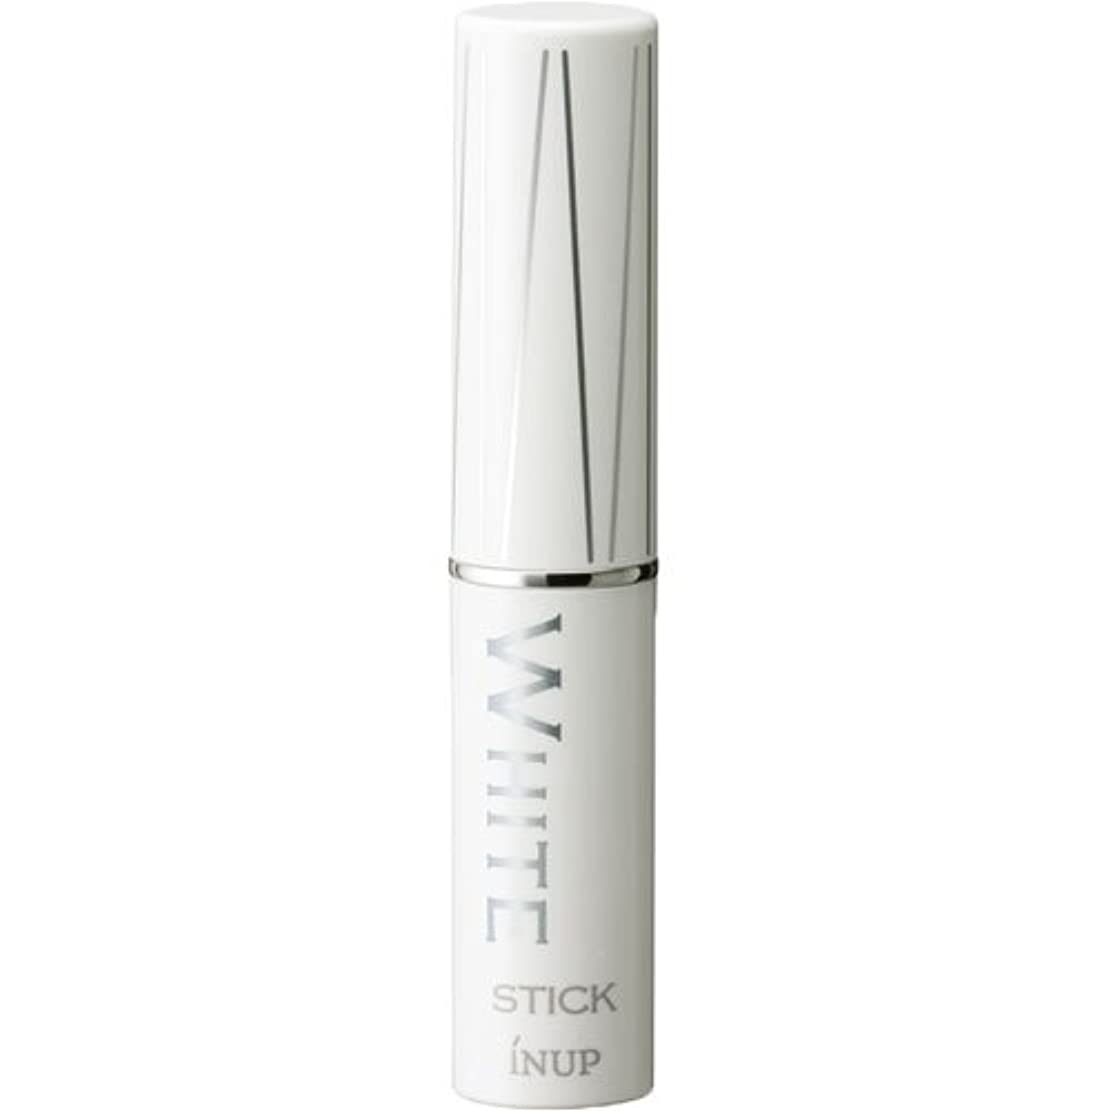 糸サルベージファンインナップ 美容スティック ビタミンC誘導体85% 配合 ホワイトスティック